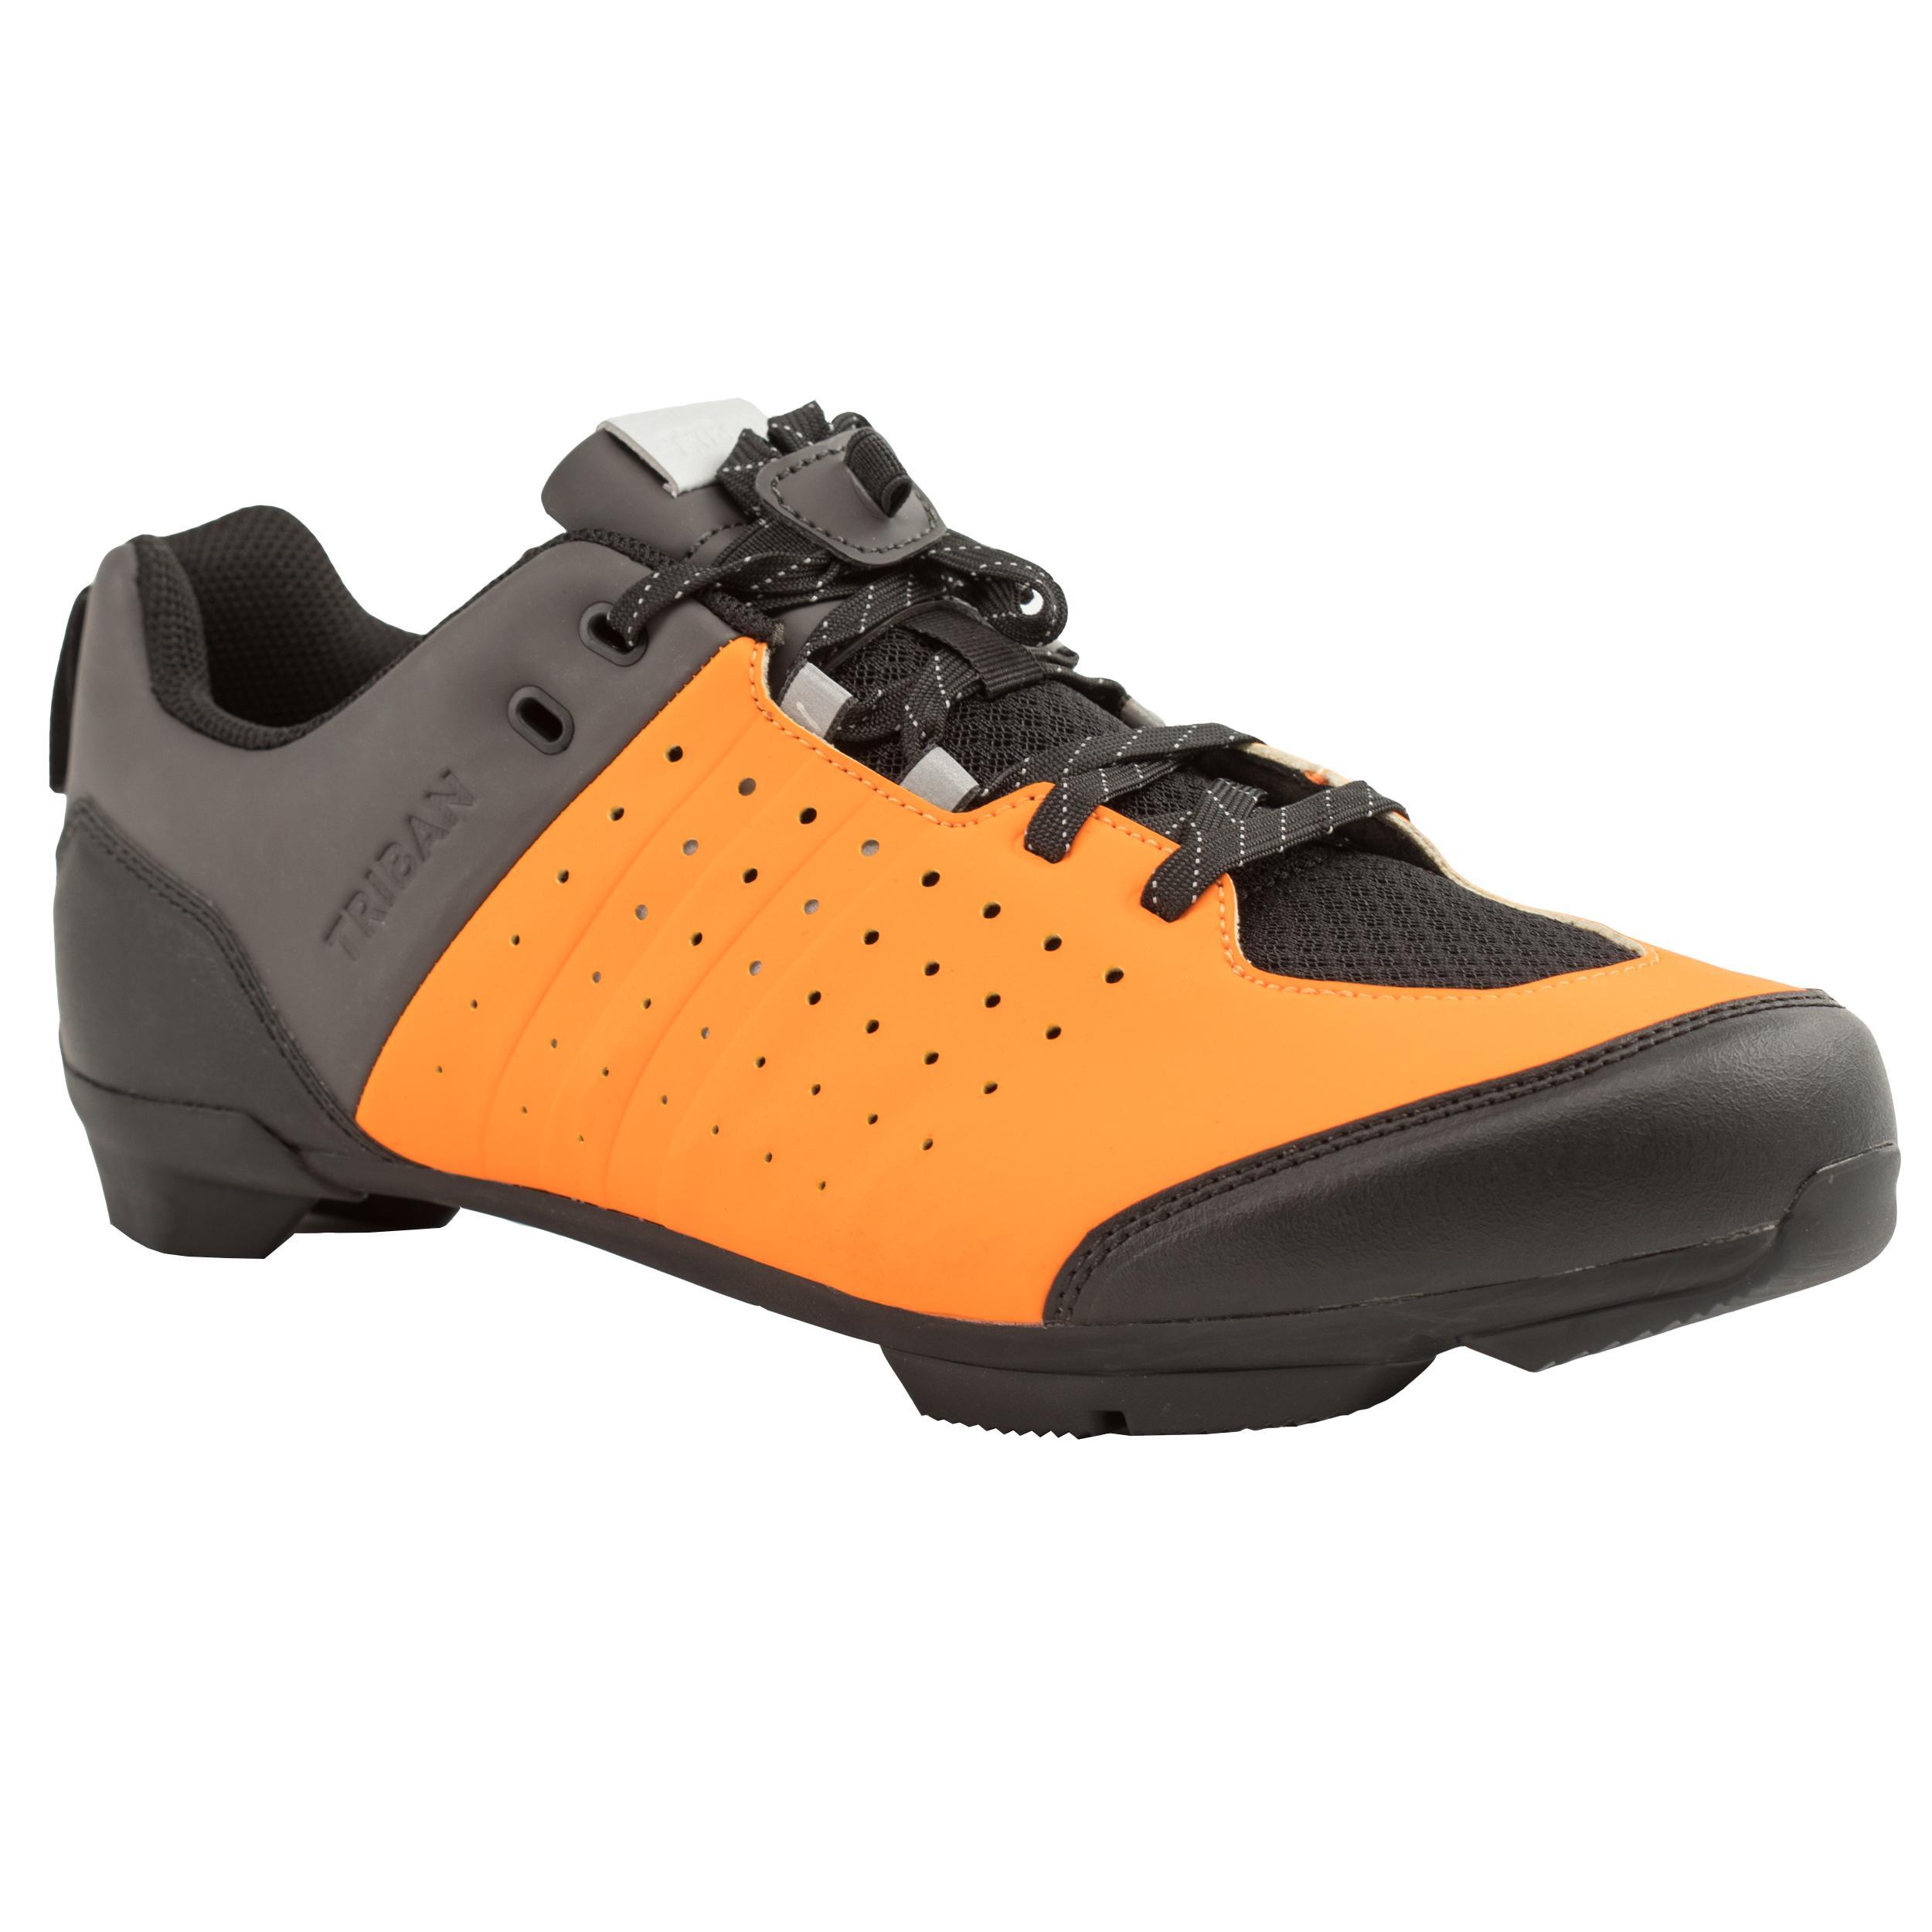 e628485a24 Comprar Zapatillas Ciclismo Online   Decathlon